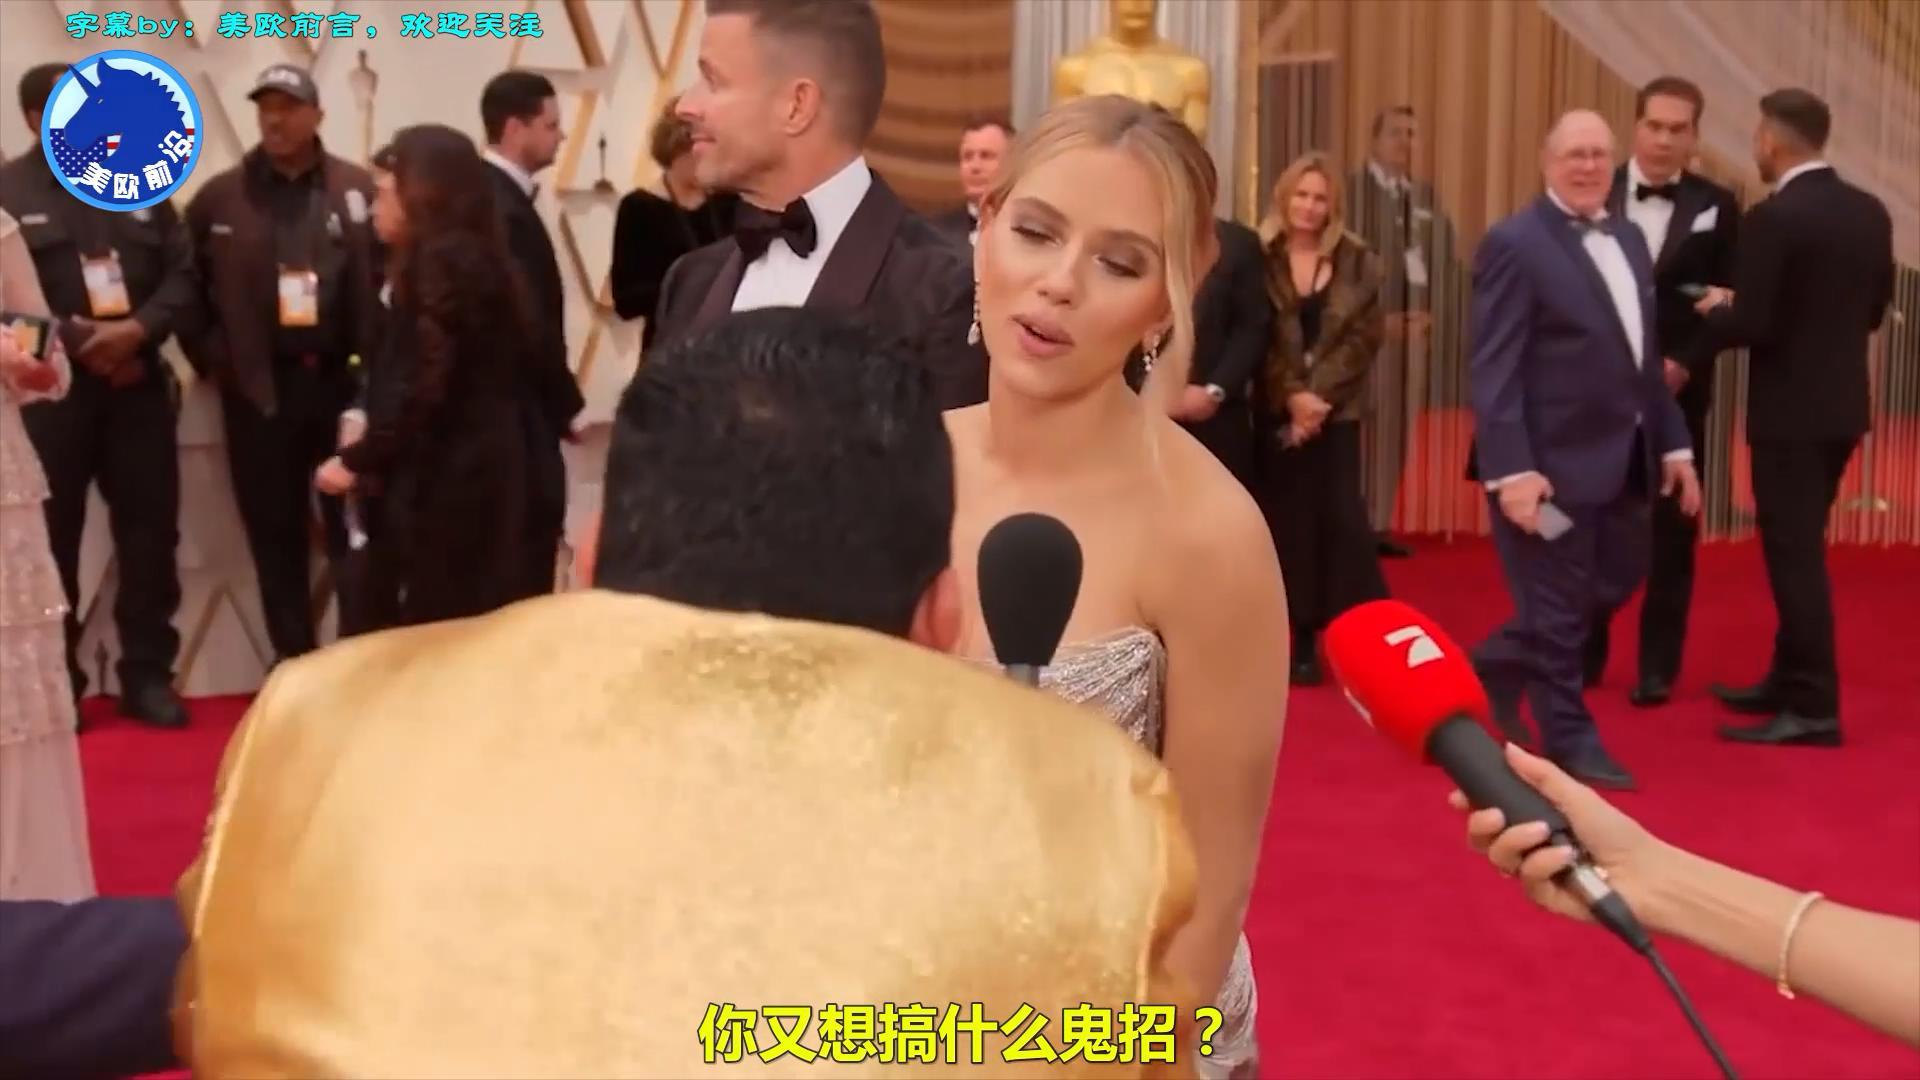 鸡毛秀吉尔莫大闹奥斯卡红毯,好莱坞明星讲段子拼酒量